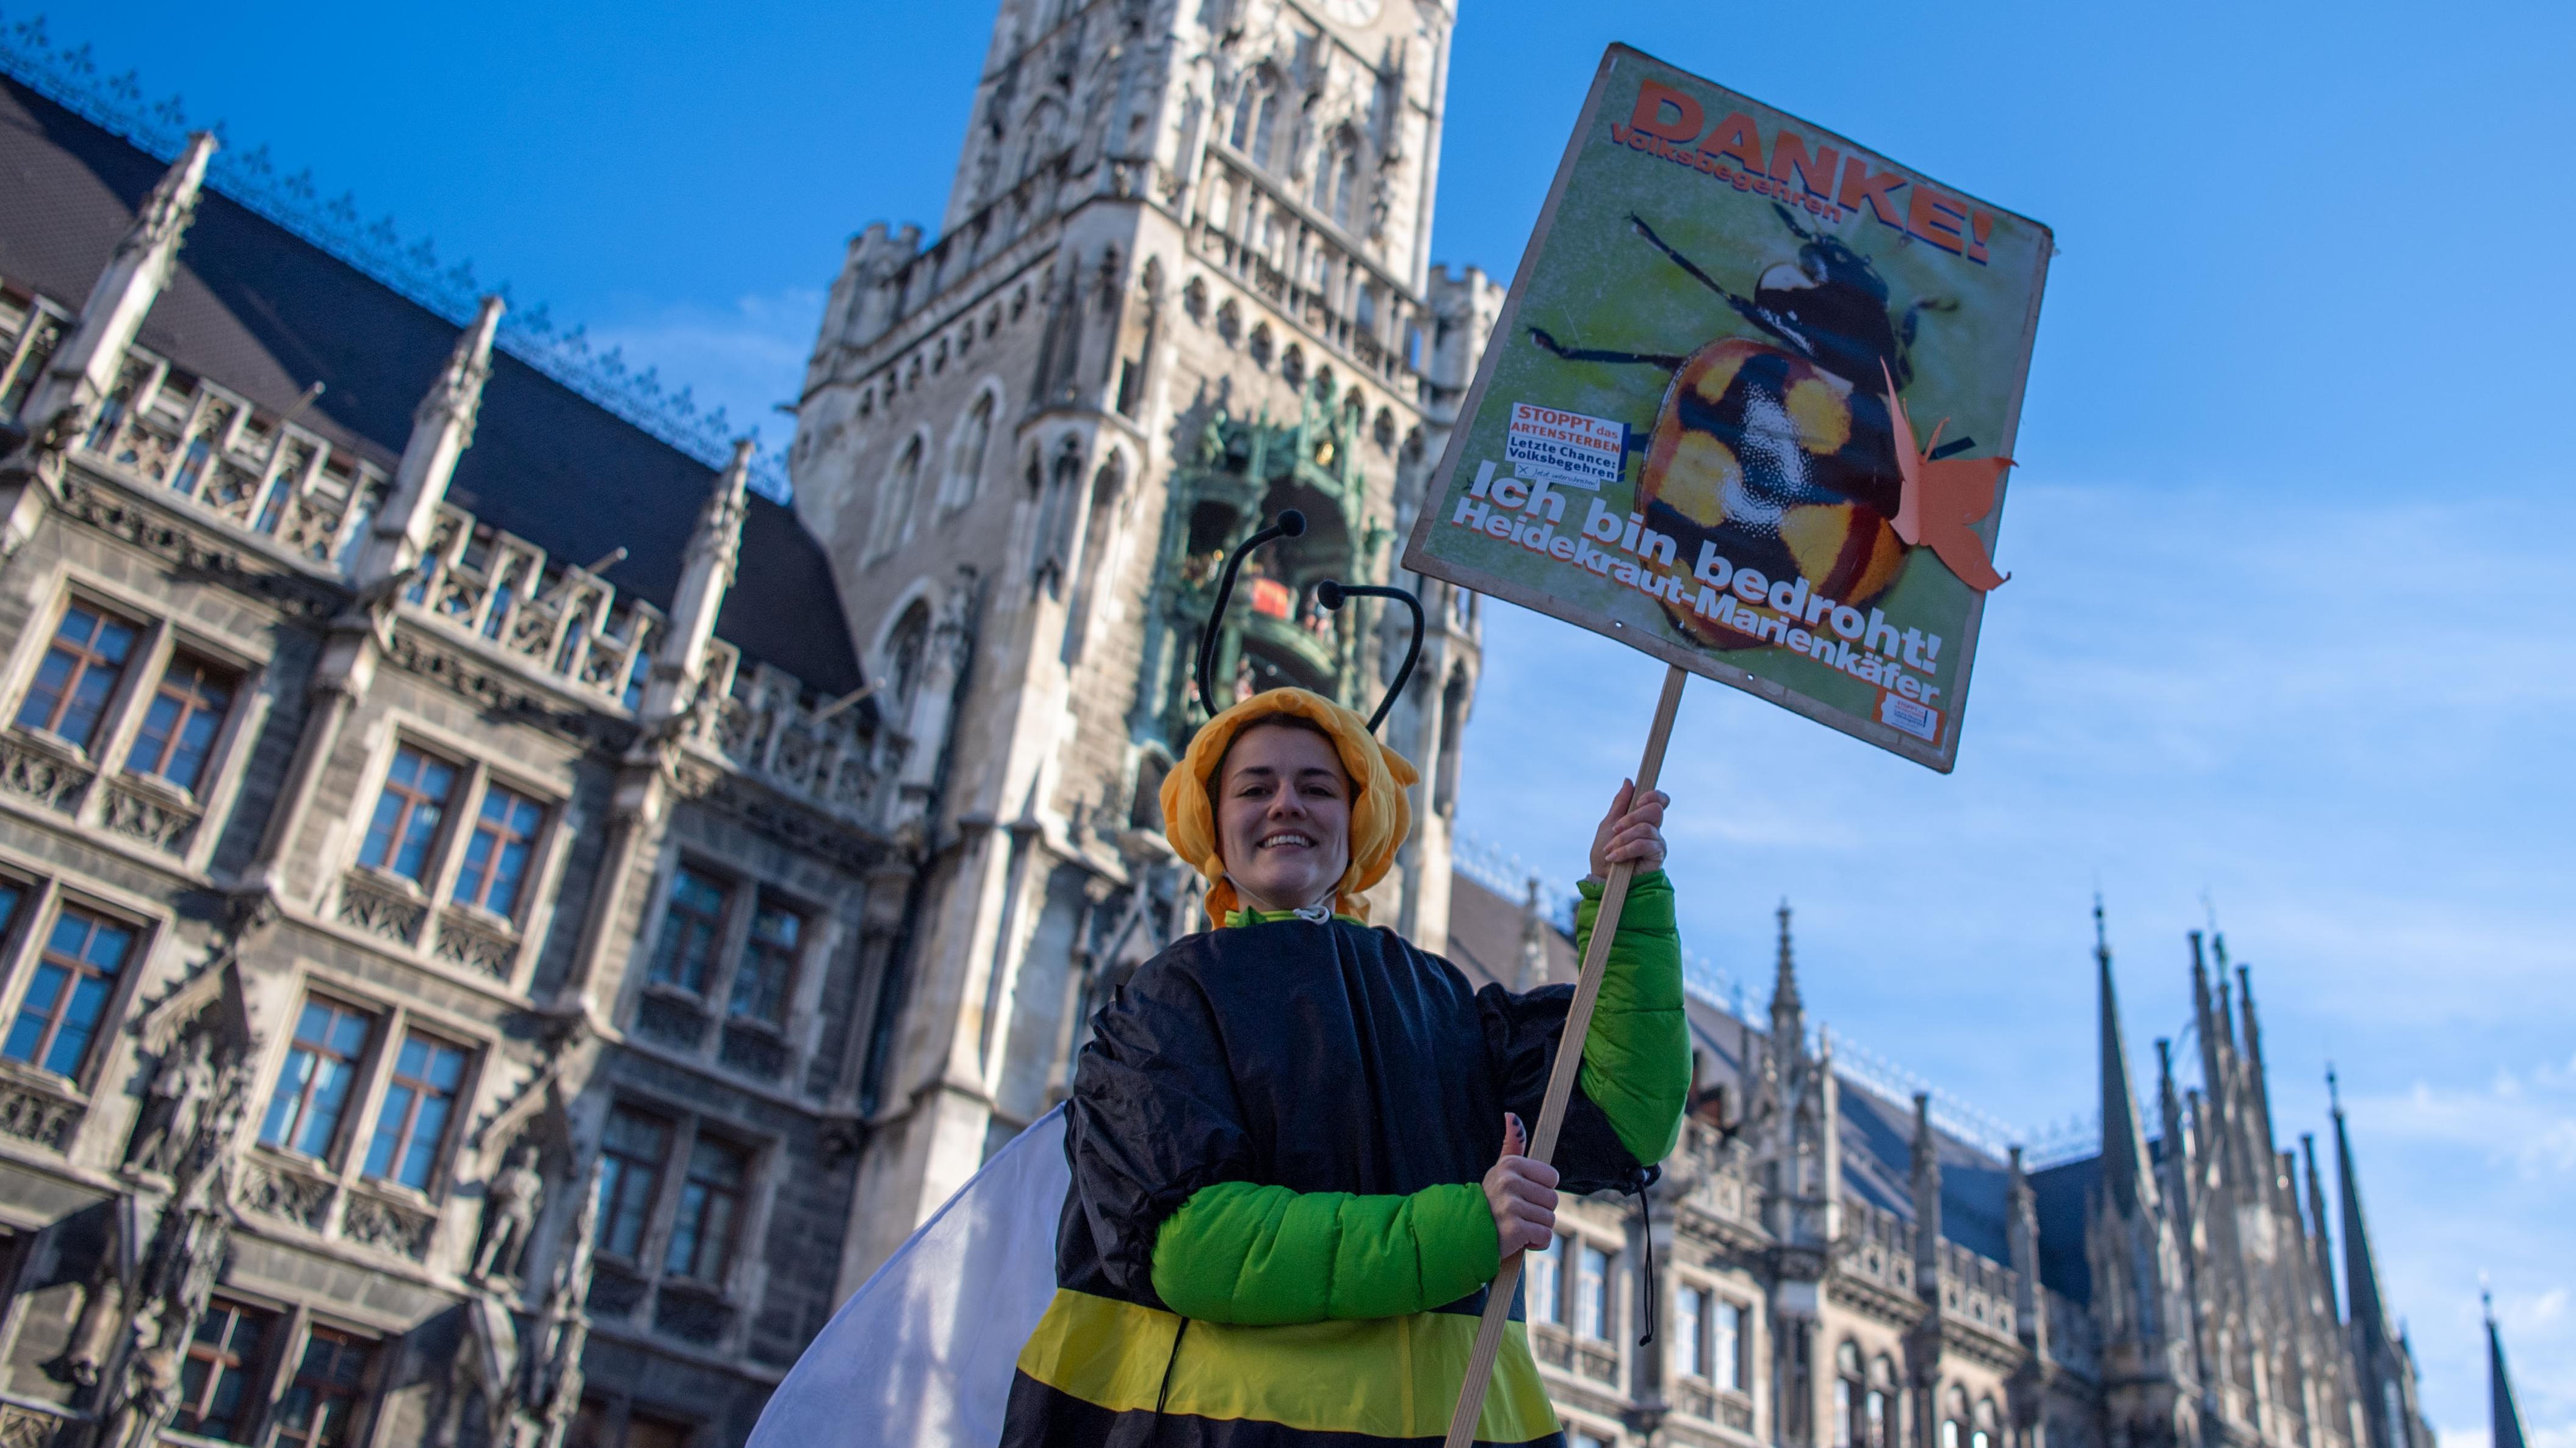 Aktivistin vom Bund Naturschutz steht in einem Bienenkostüm auf den Münchner Marienplatz und hält ein Plakat zum Volksbegehren hoch